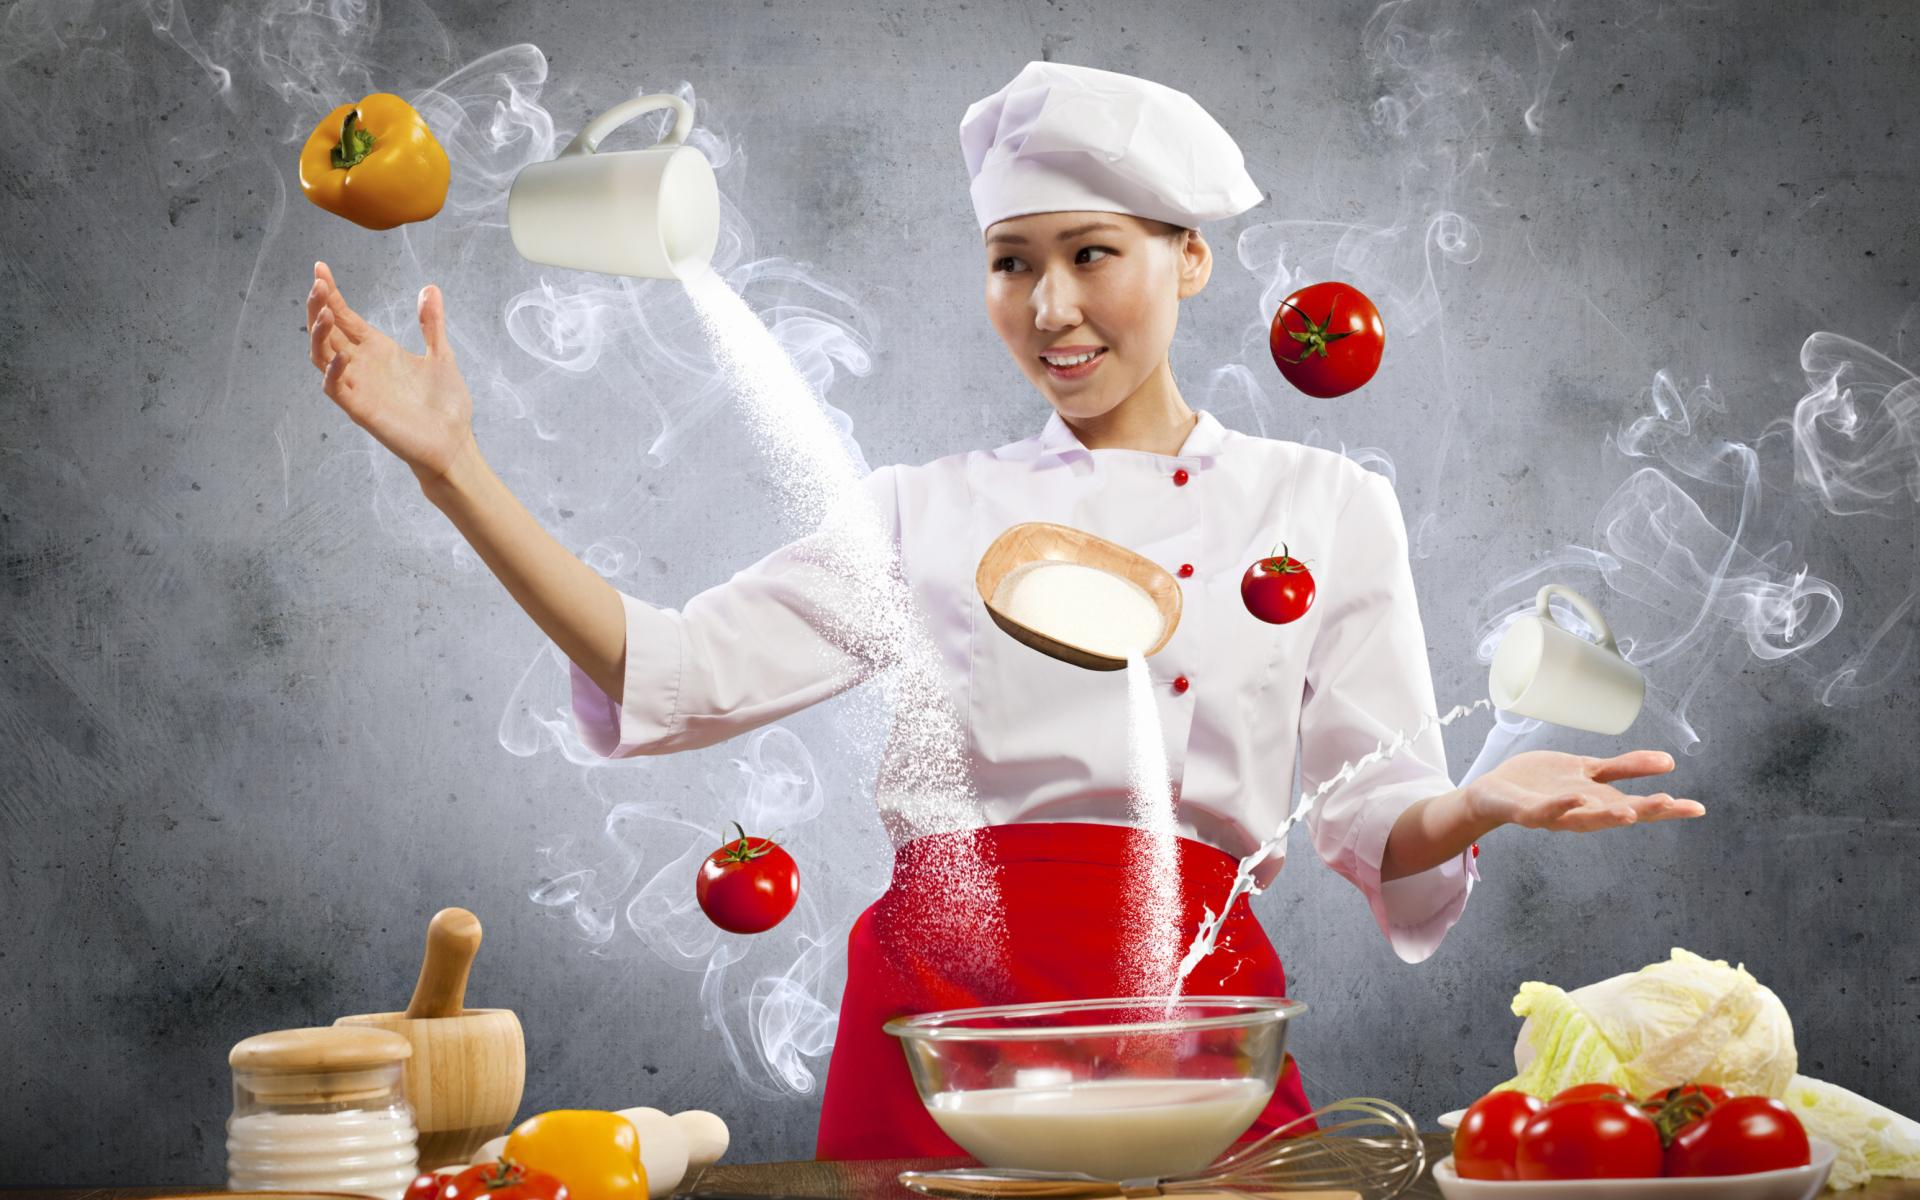 Картинки на тему кухни готовки